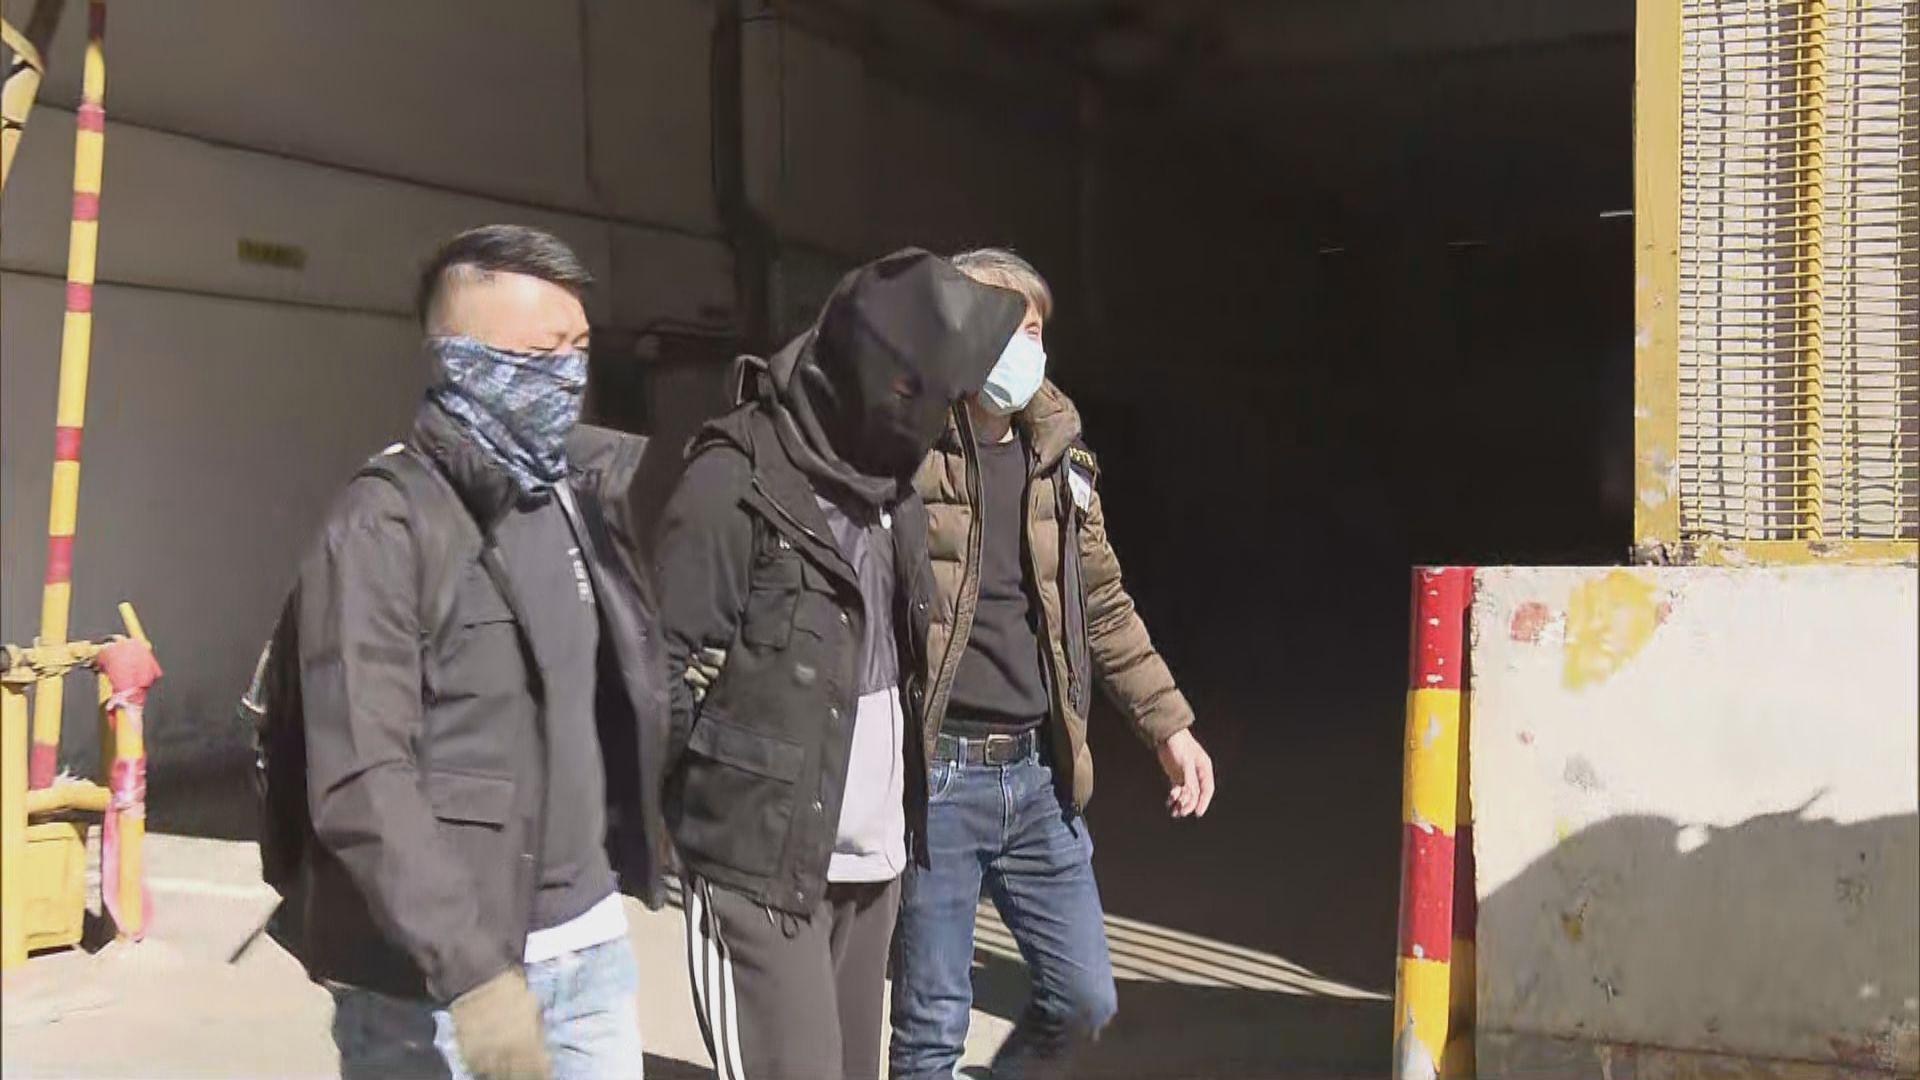 警方荃灣工廈搜獲危險品及武器 拘一人